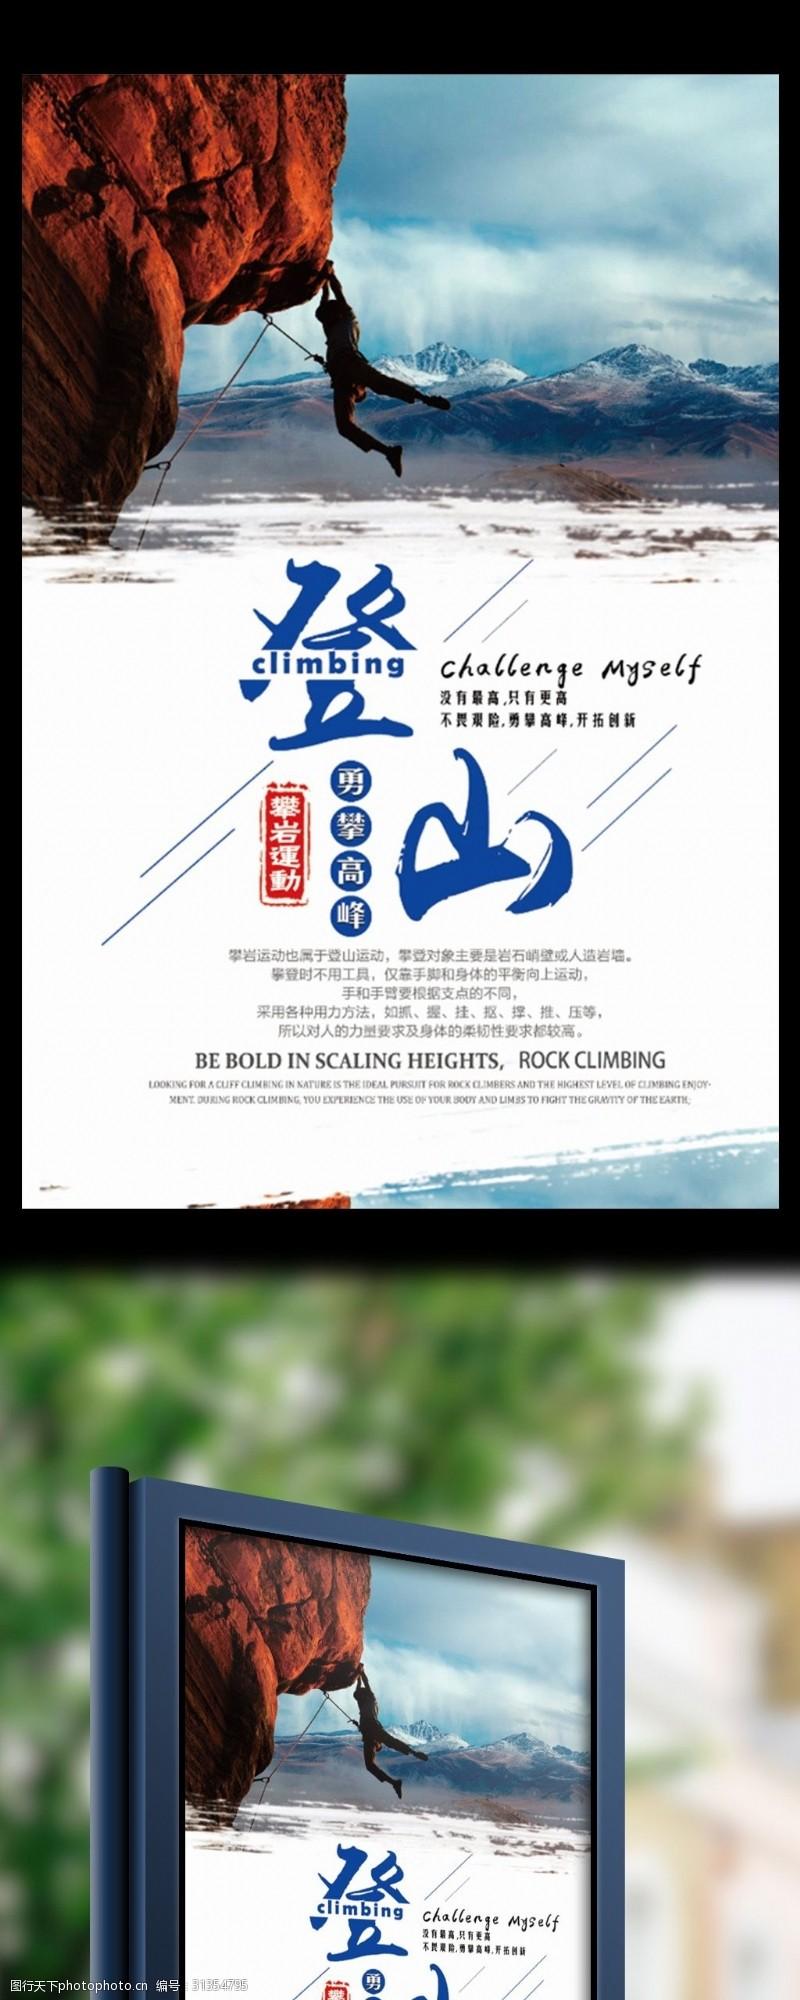 徒手攀岩大气户外攀岩运动宣传海报